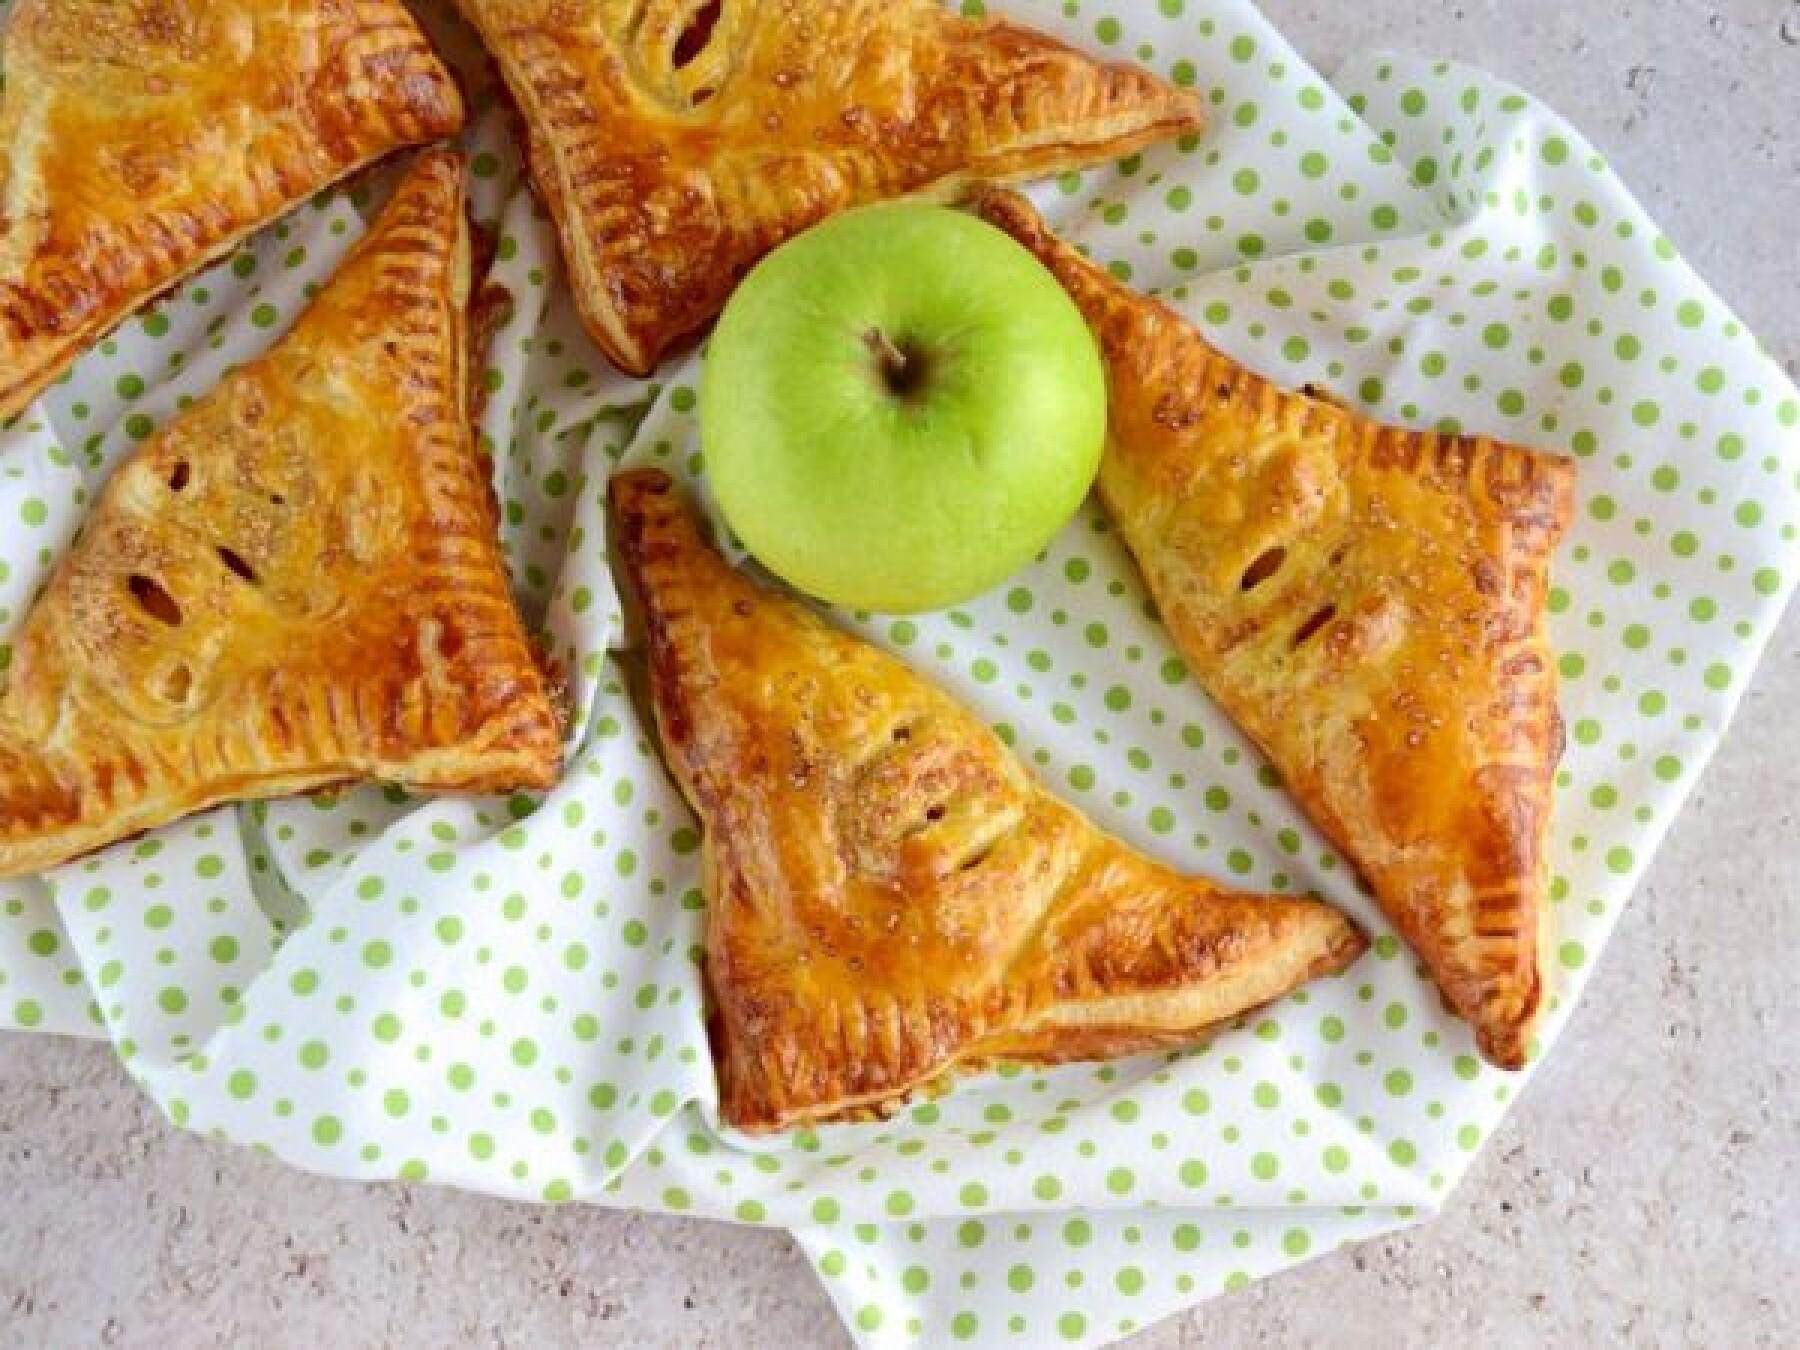 Recette : Chaussons aux pommes